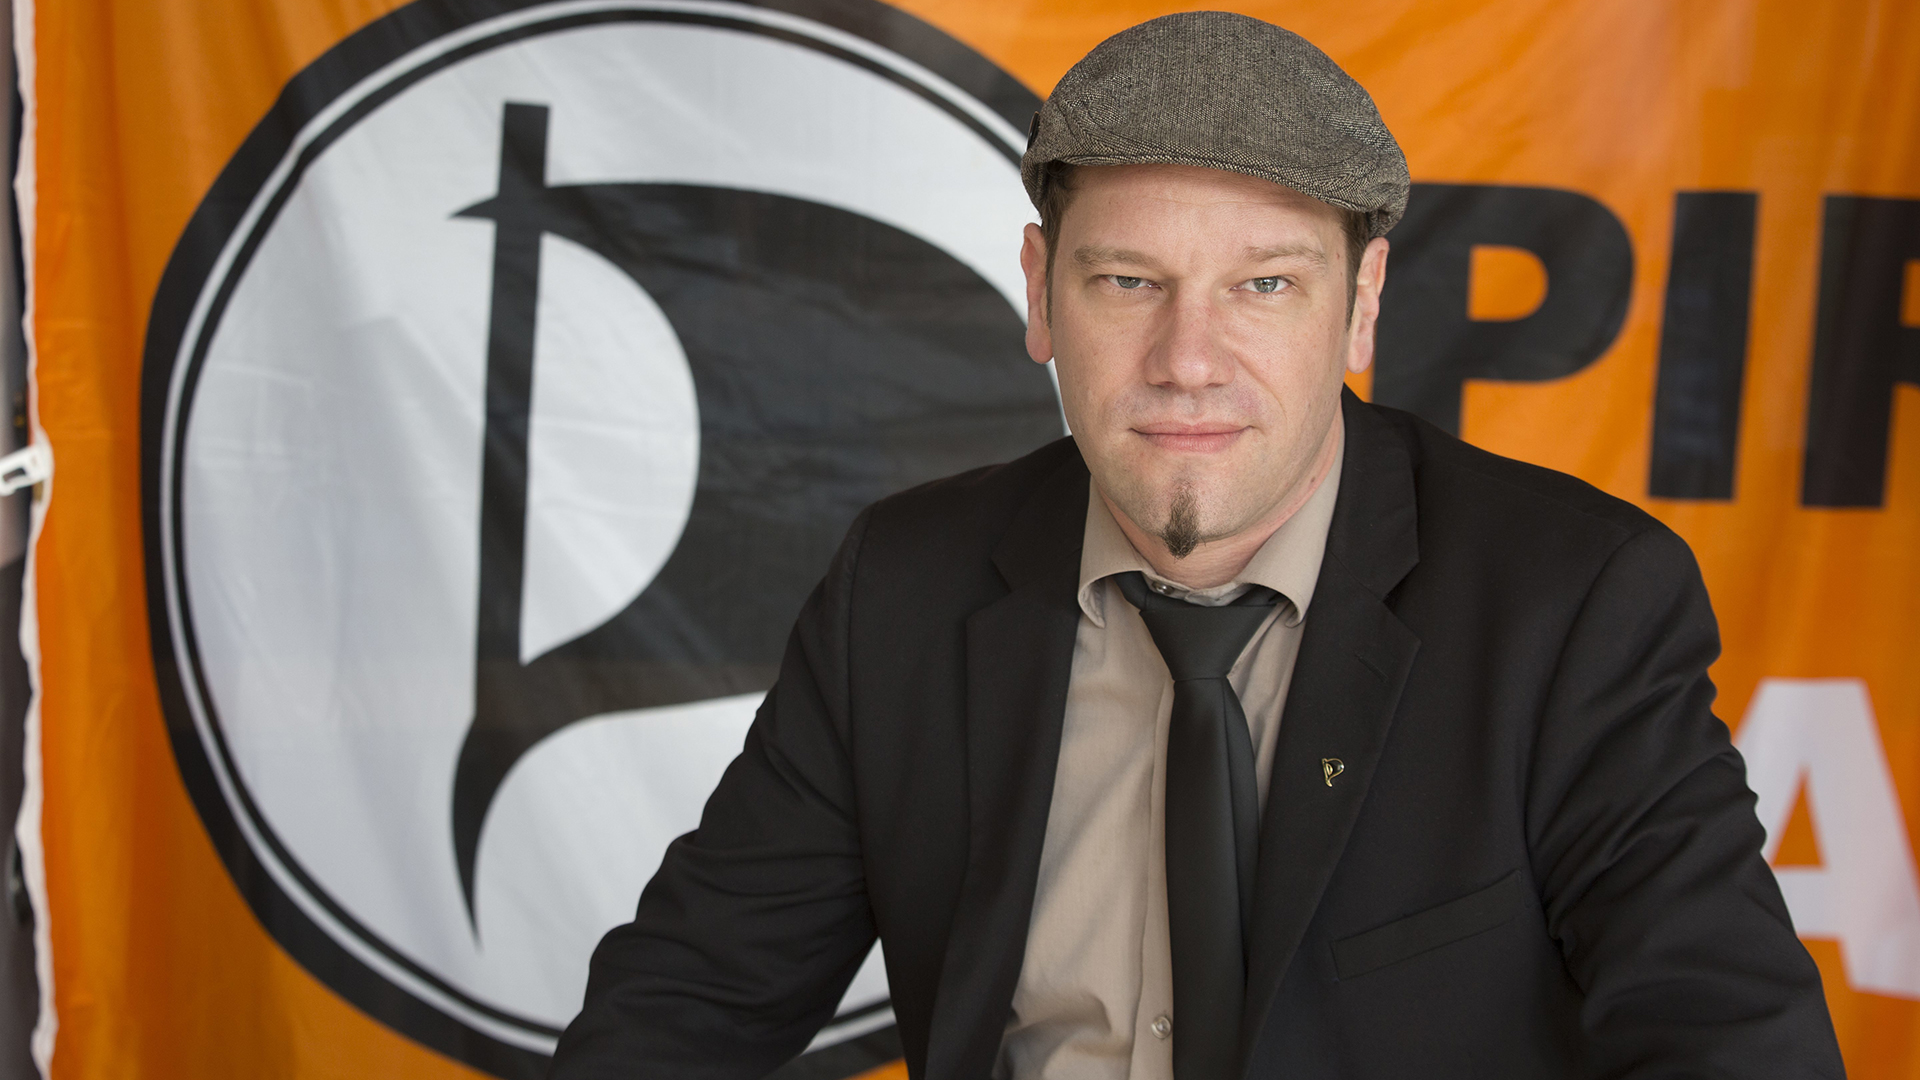 Piratenpartei-Chef Patrick Schiffer